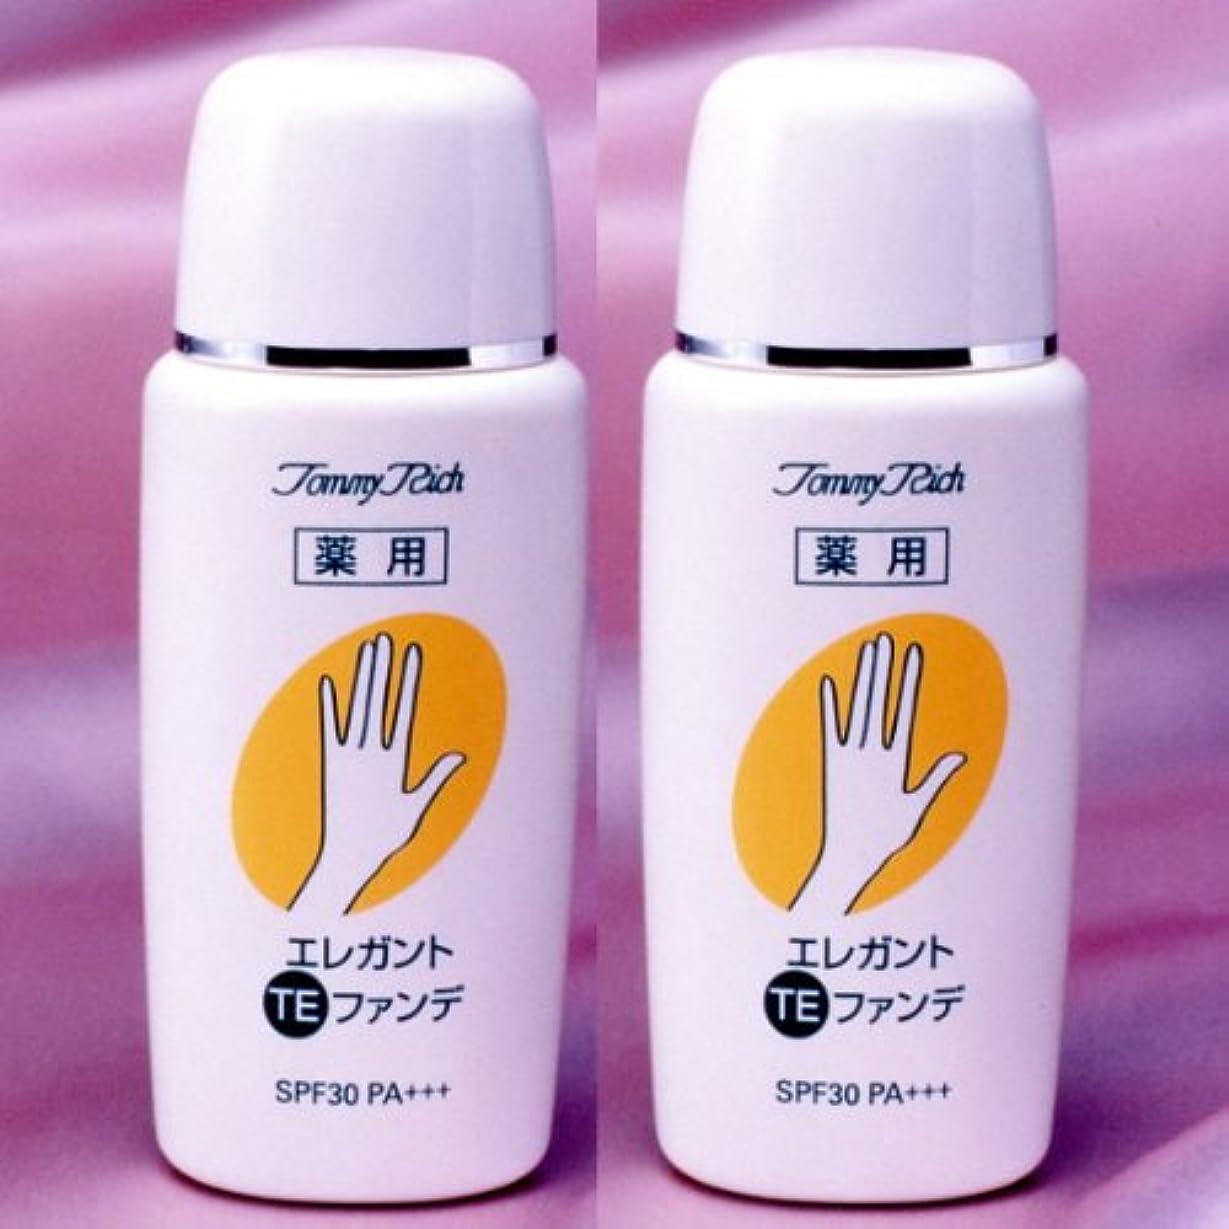 喉が渇いた懸念アジア手や腕のシミや老班をカバーして、白く清潔で美しい手になる!! 「薬用エレガントTEファンデ 2個セット」